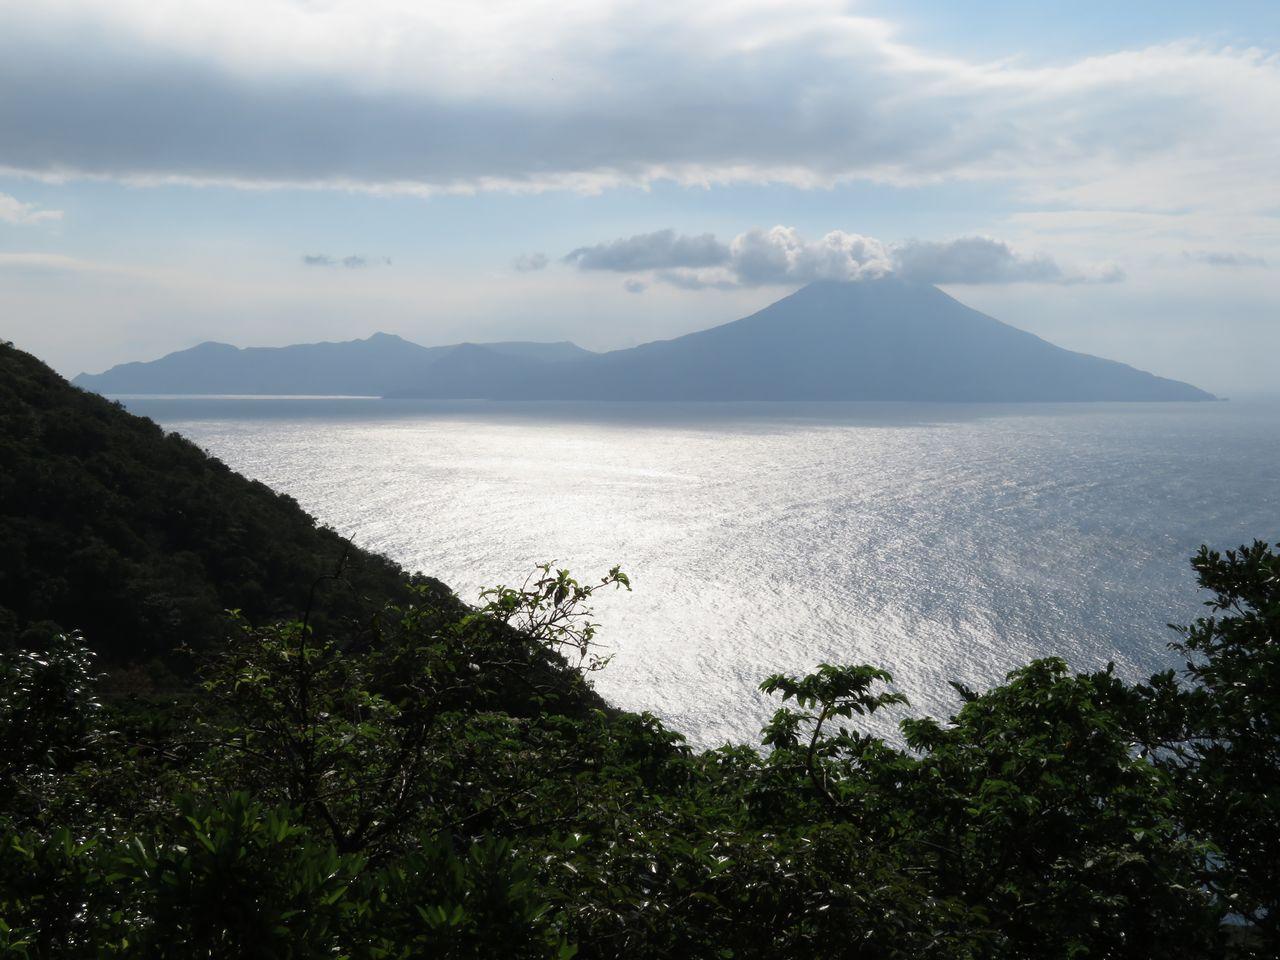 Nakanoshima, dilihat dari jauh. (© Pixta)